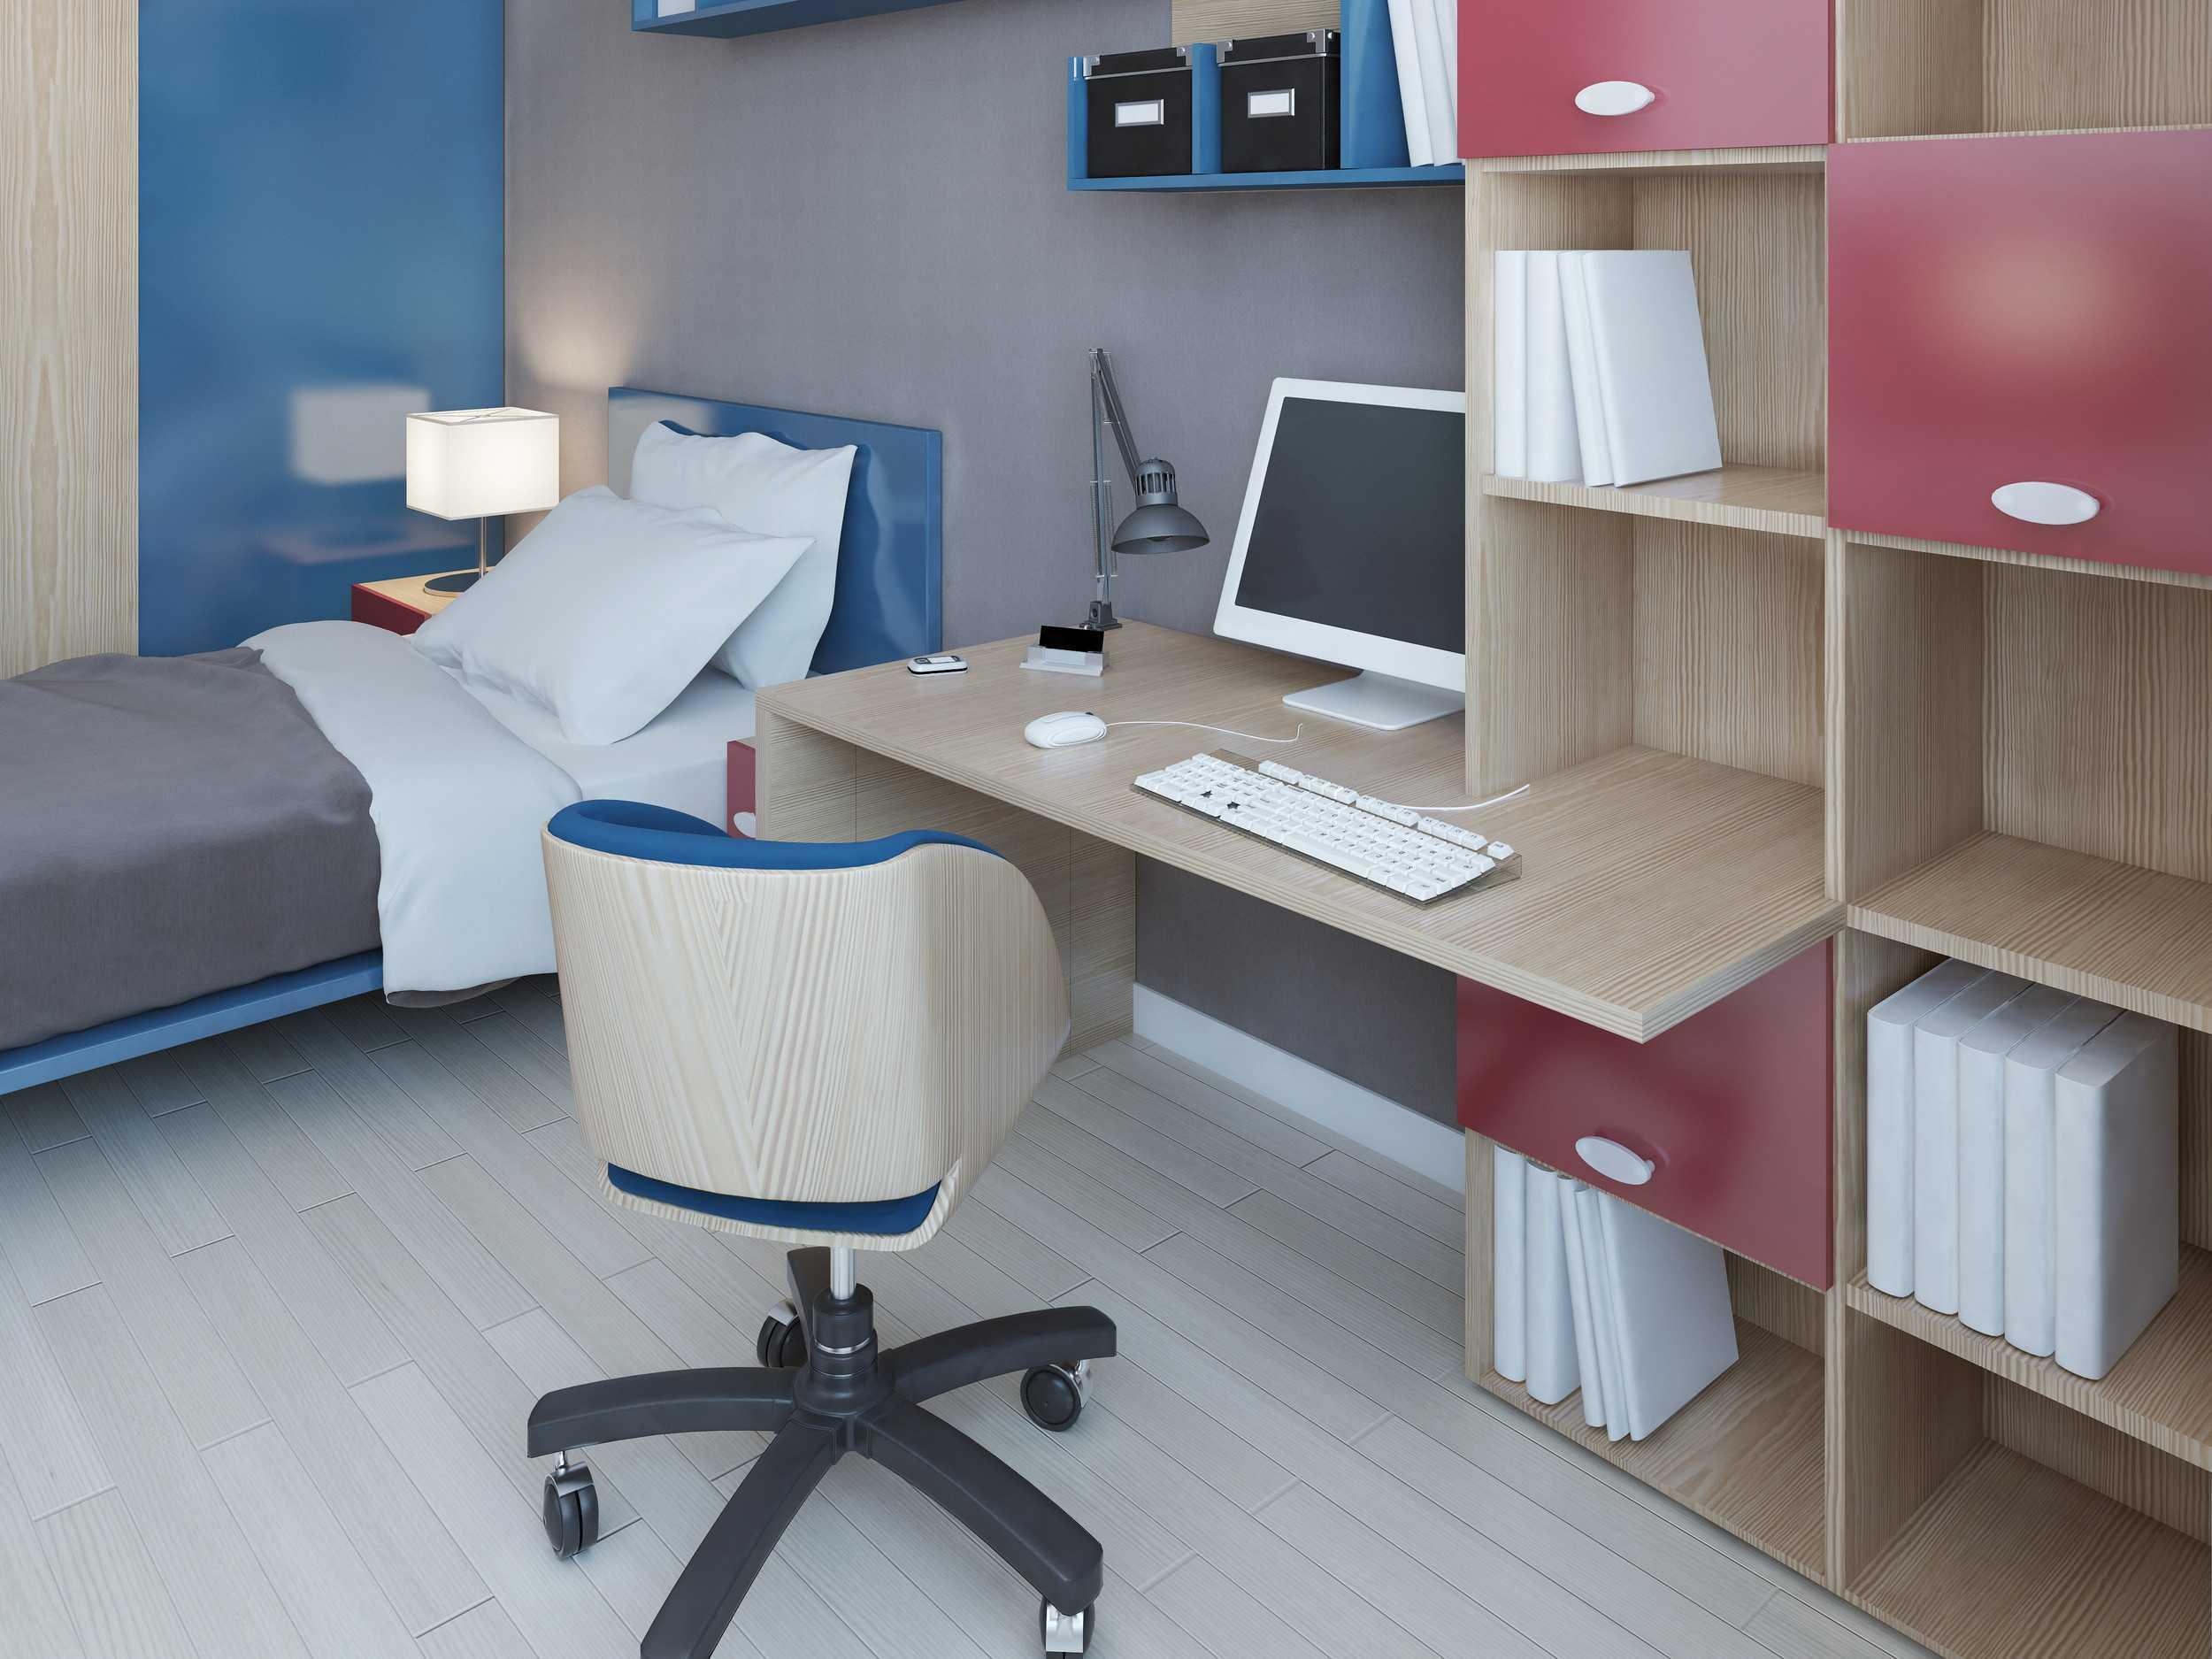 bureau sur mesure la maison des bibliotheques. Black Bedroom Furniture Sets. Home Design Ideas